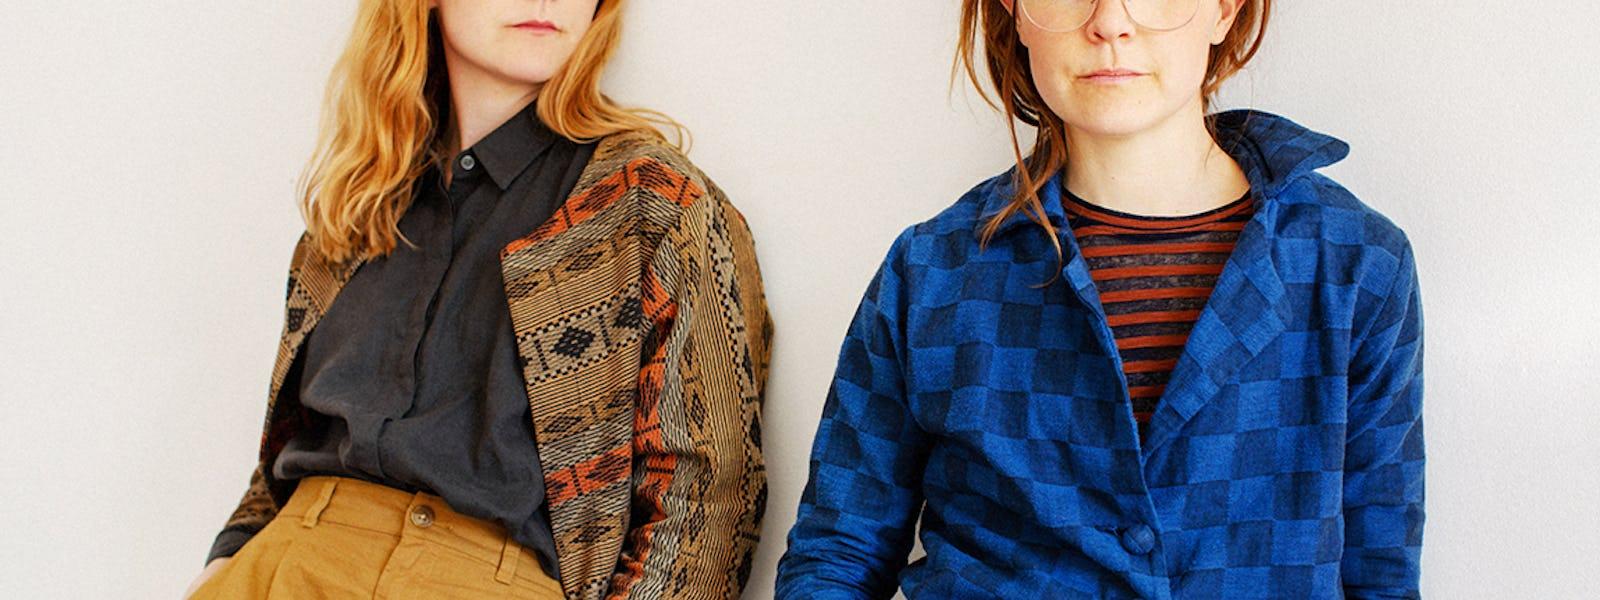 Bild - Emma och Lisen Adbåge